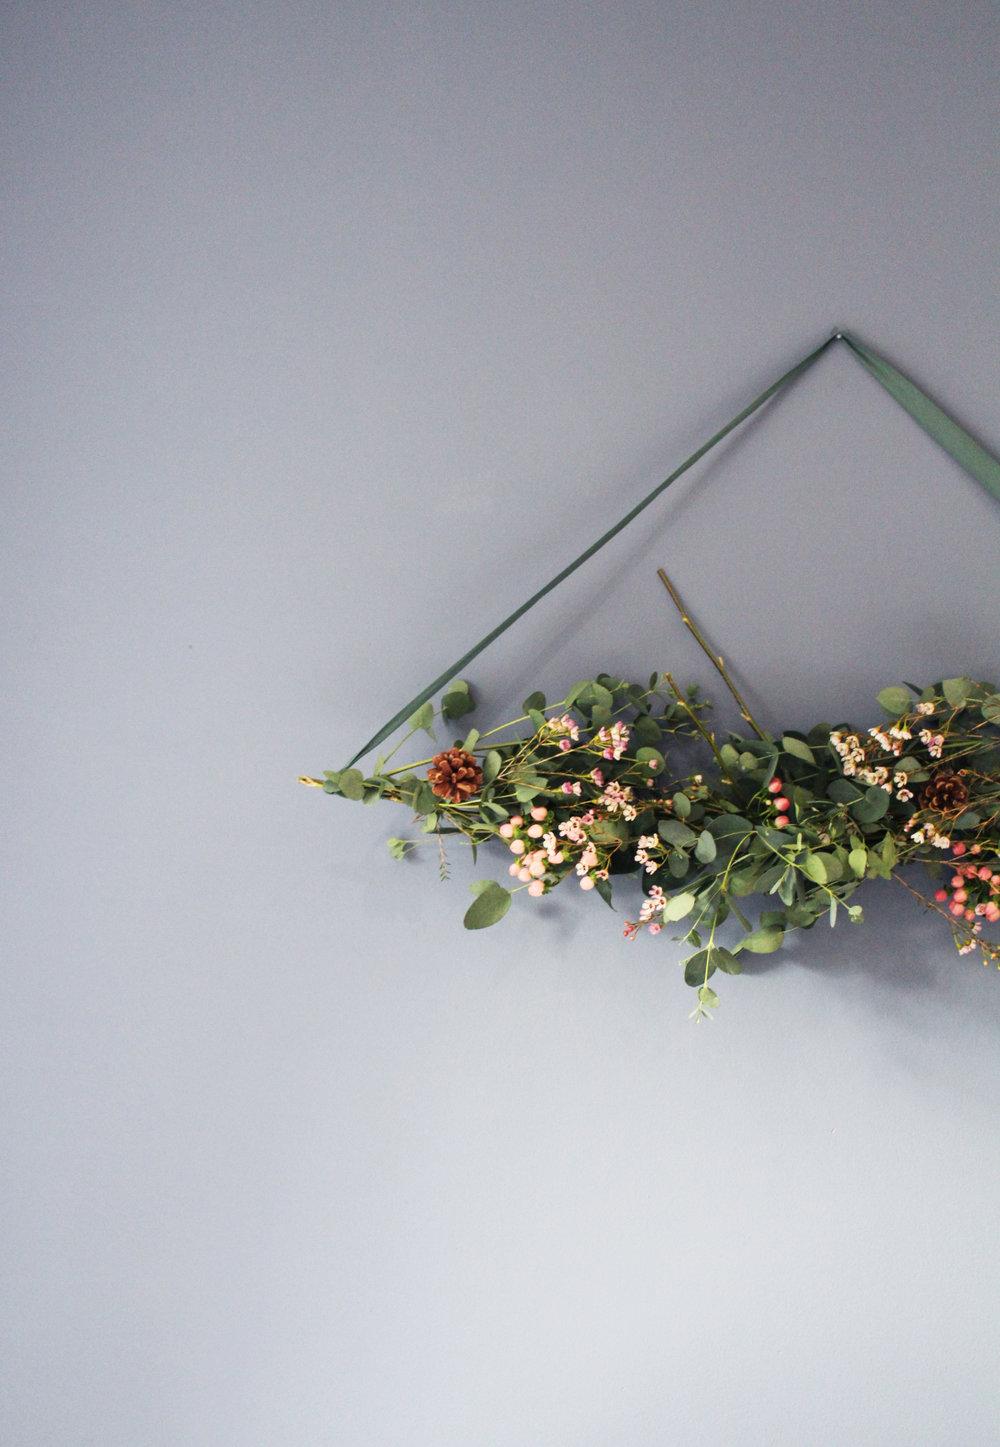 floral hanging